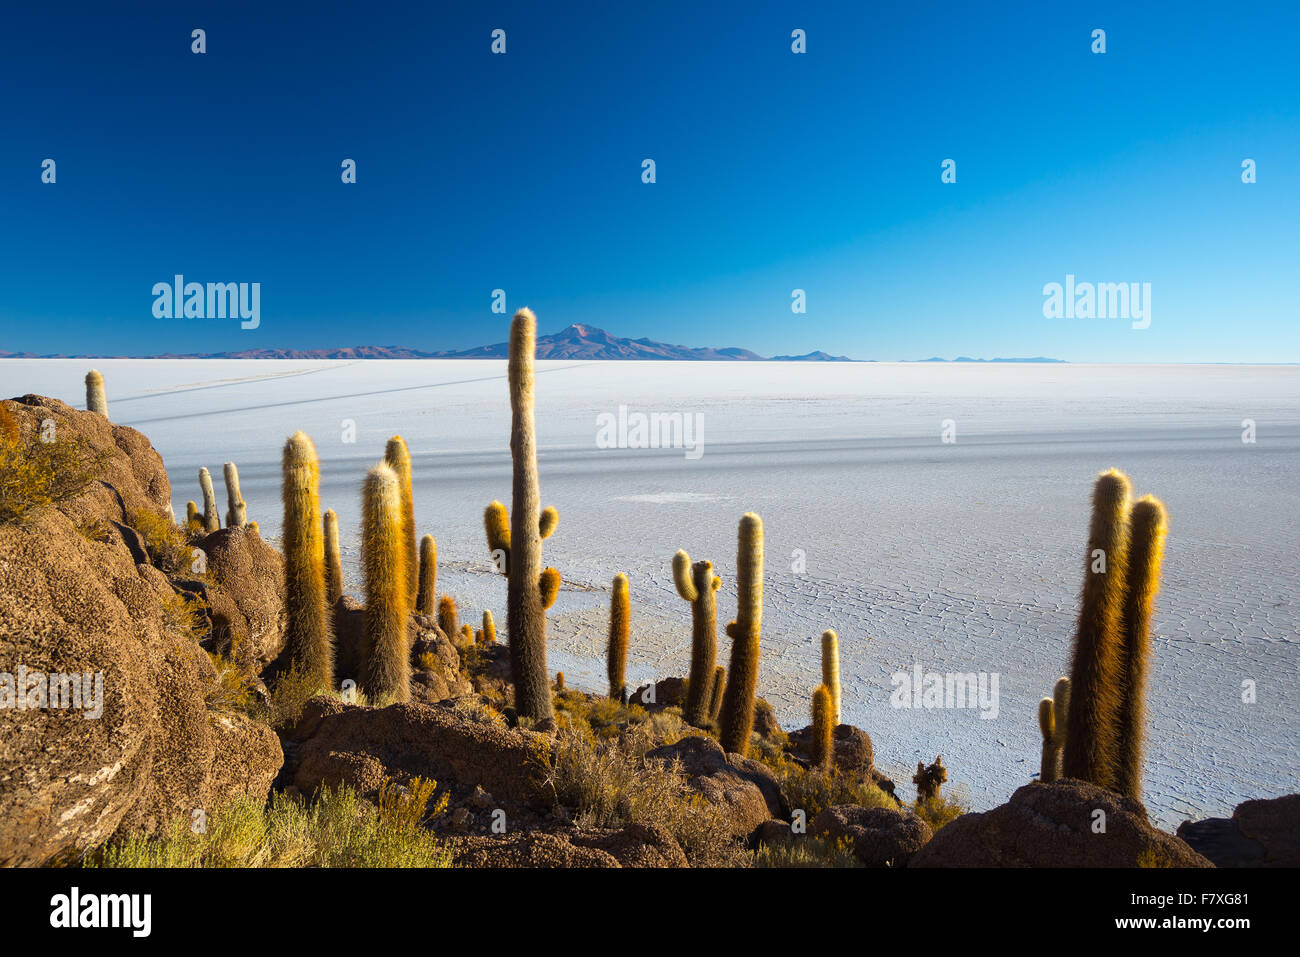 Weitwinkel-Blick auf die Uyuni Salz flach, unter das wichtigste Reiseziel in Bolivien. Schuss getroffen bei Sonnenaufgang Stockbild